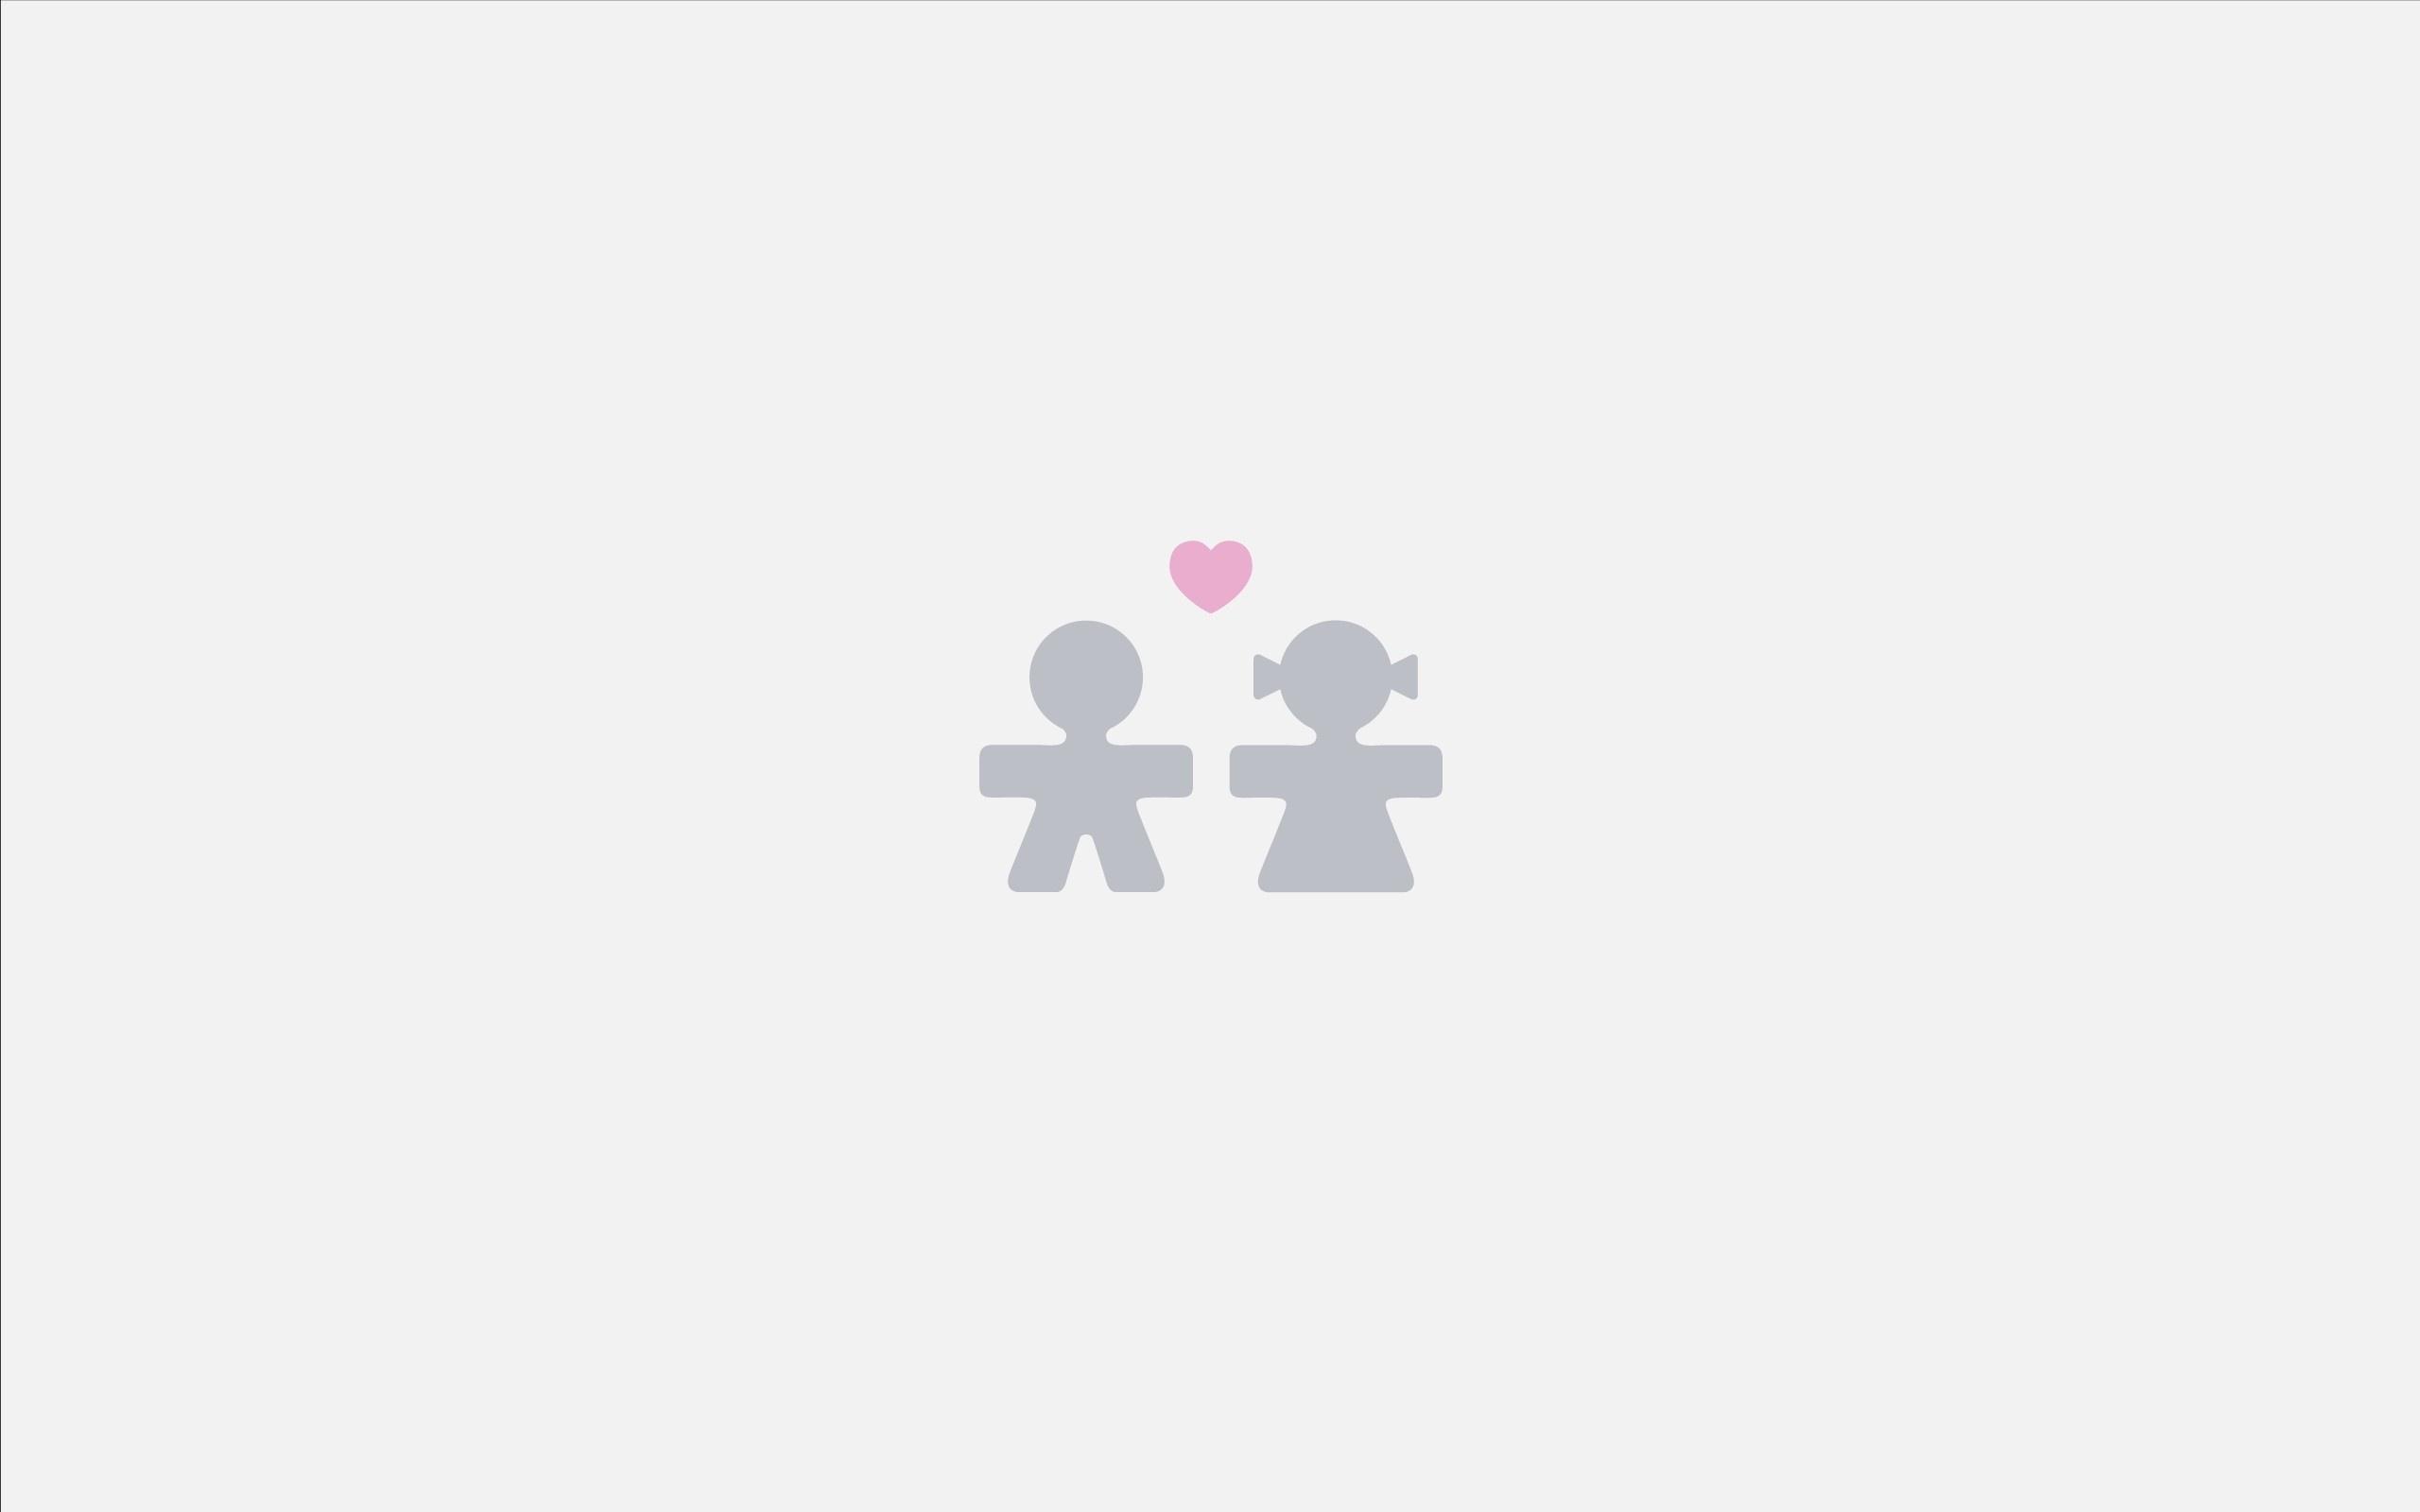 Hintergrundbilder : Liebe, Herz, Text, Logo, Marke, Gefühle, Junge ...